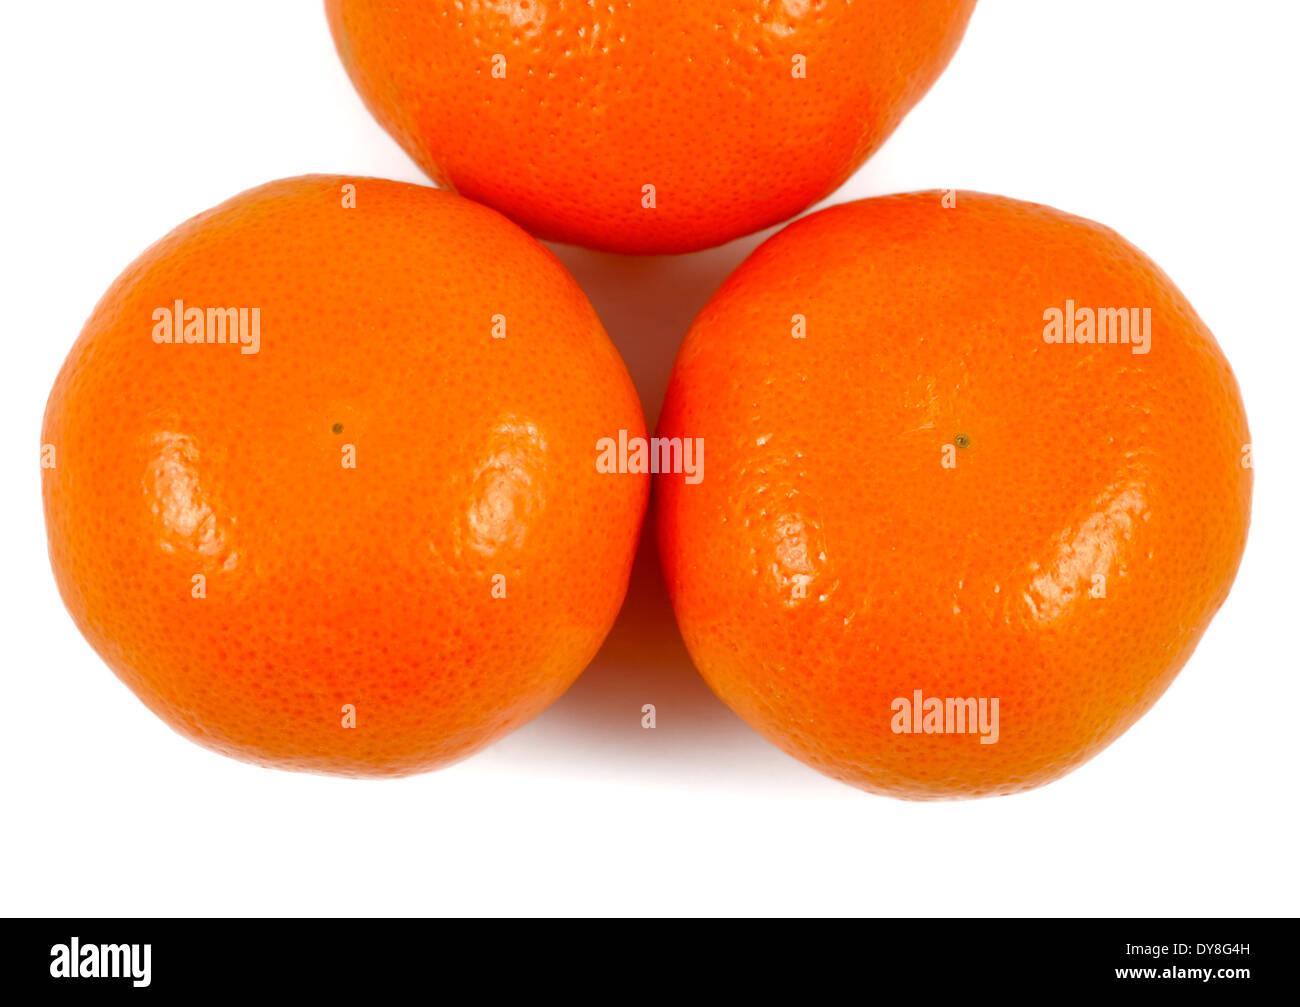 Satsuma oranges white background studio image - Stock Image